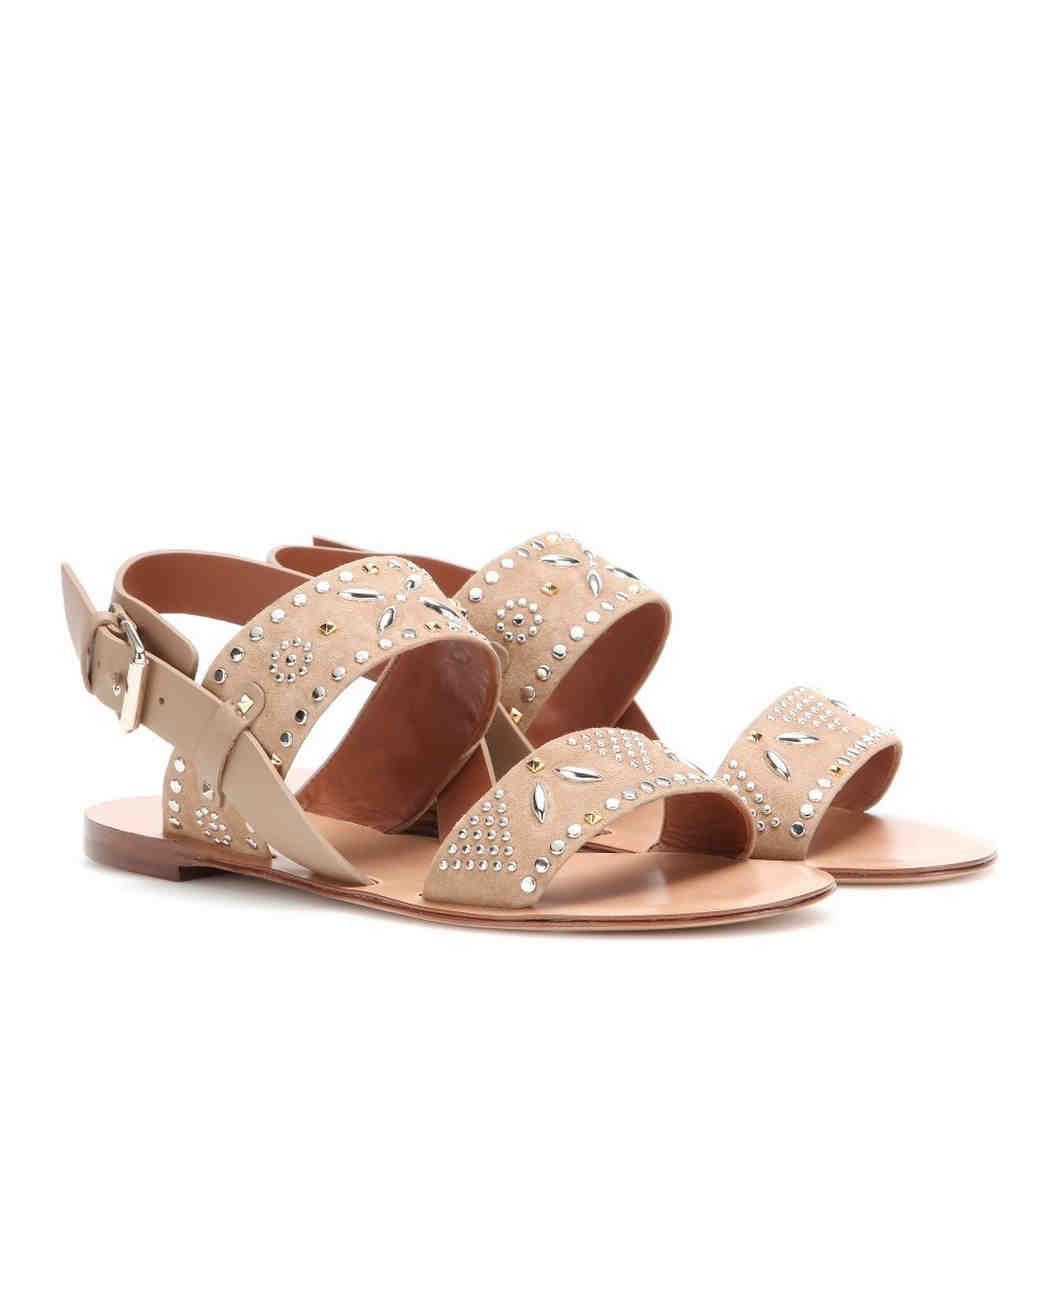 summer-wedding-shoes-valentino-embellished-suede-sandals-0515.jpg